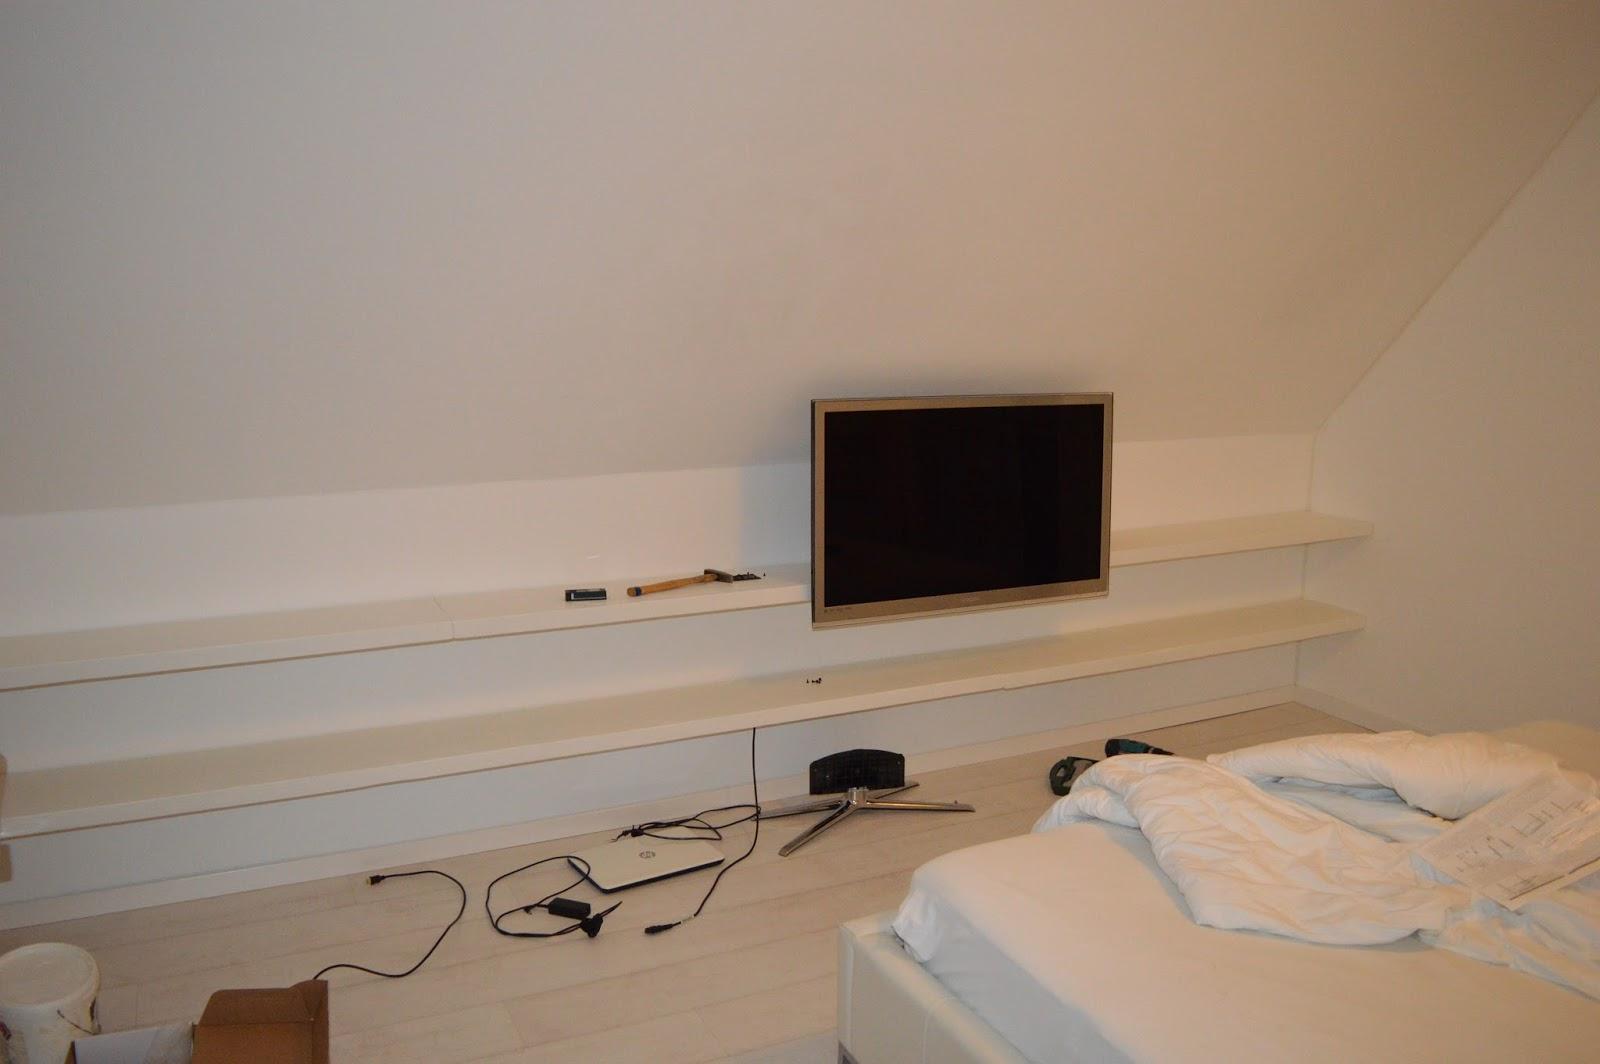 Schlafzimmer Deko Visionen – Part 20 – heim-elich